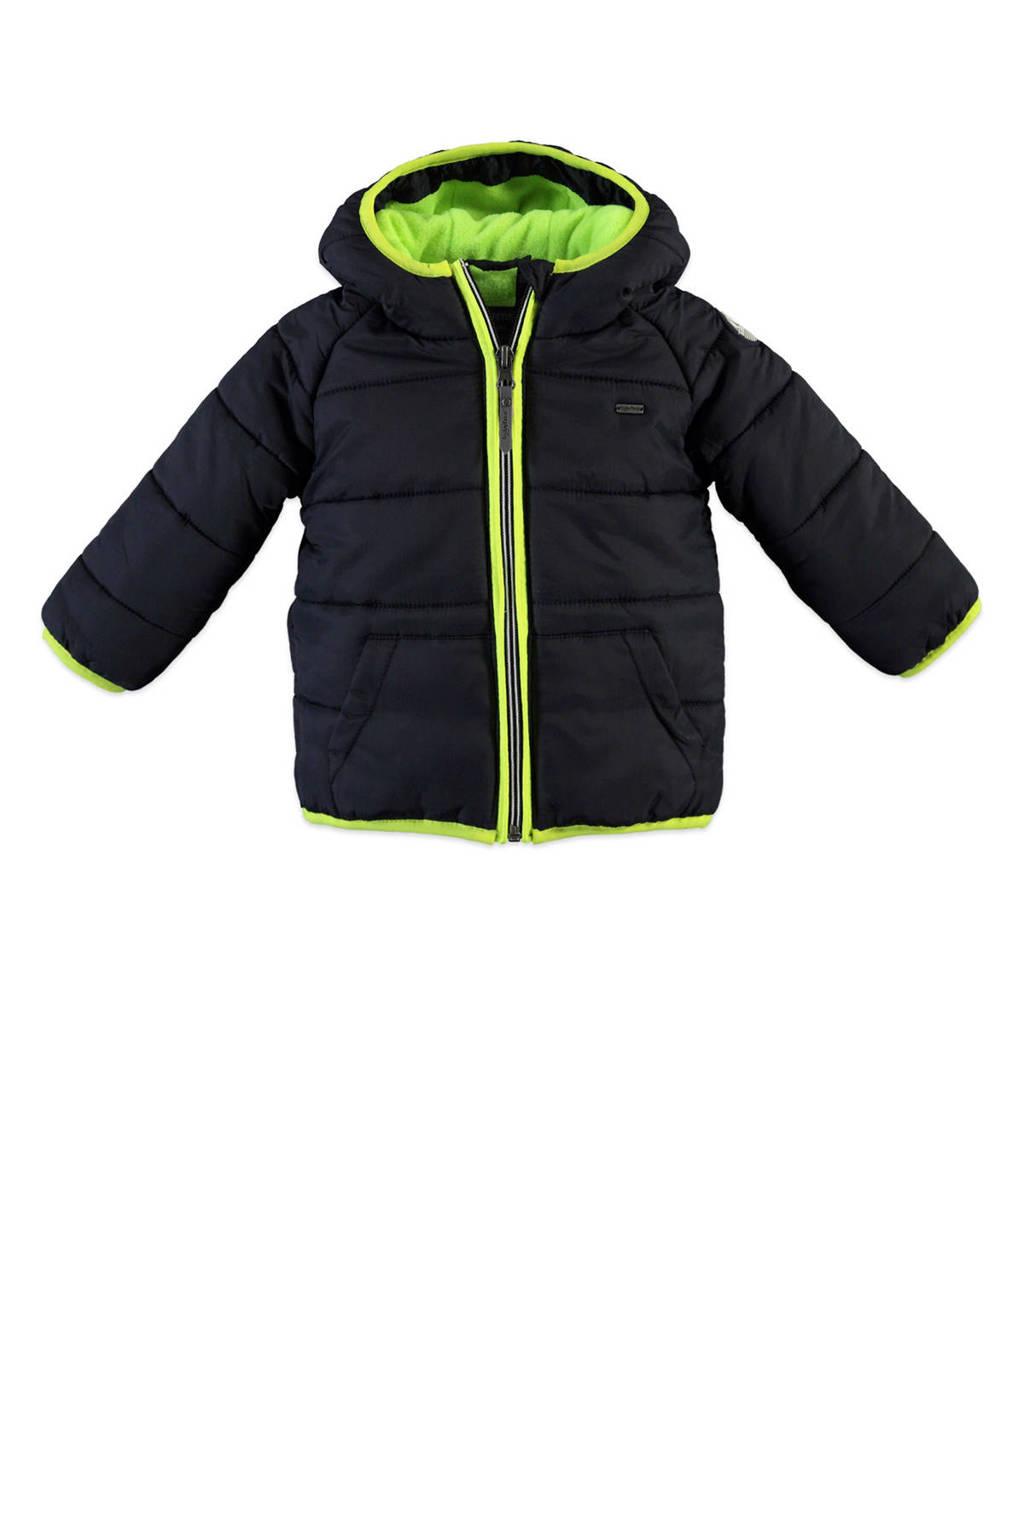 Babyface winterjas donkerblauw/neon geel, Donkerblauw/neon geel